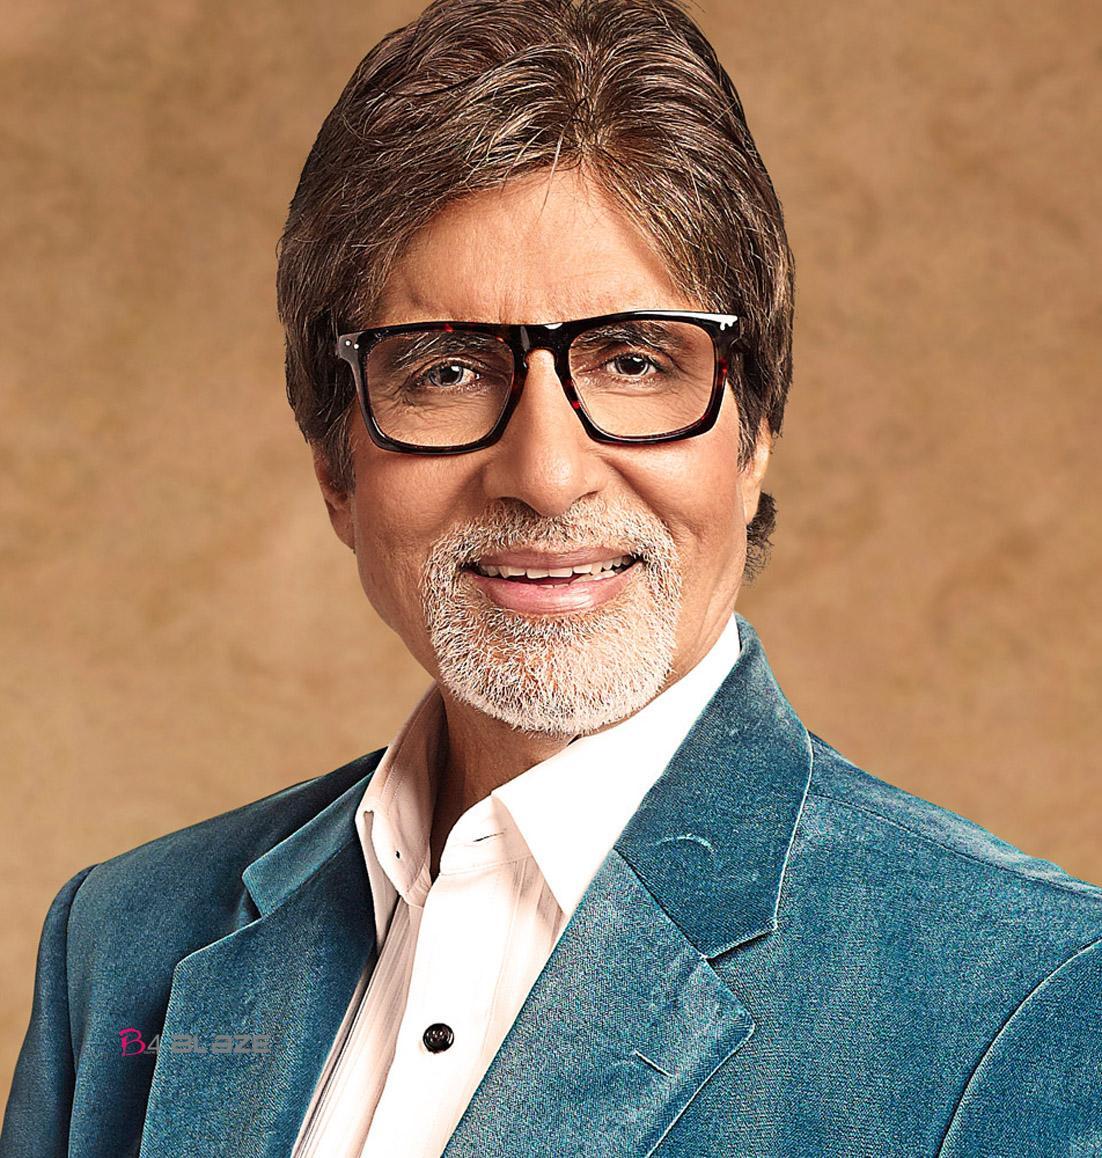 Amithabh Bachchan new photos